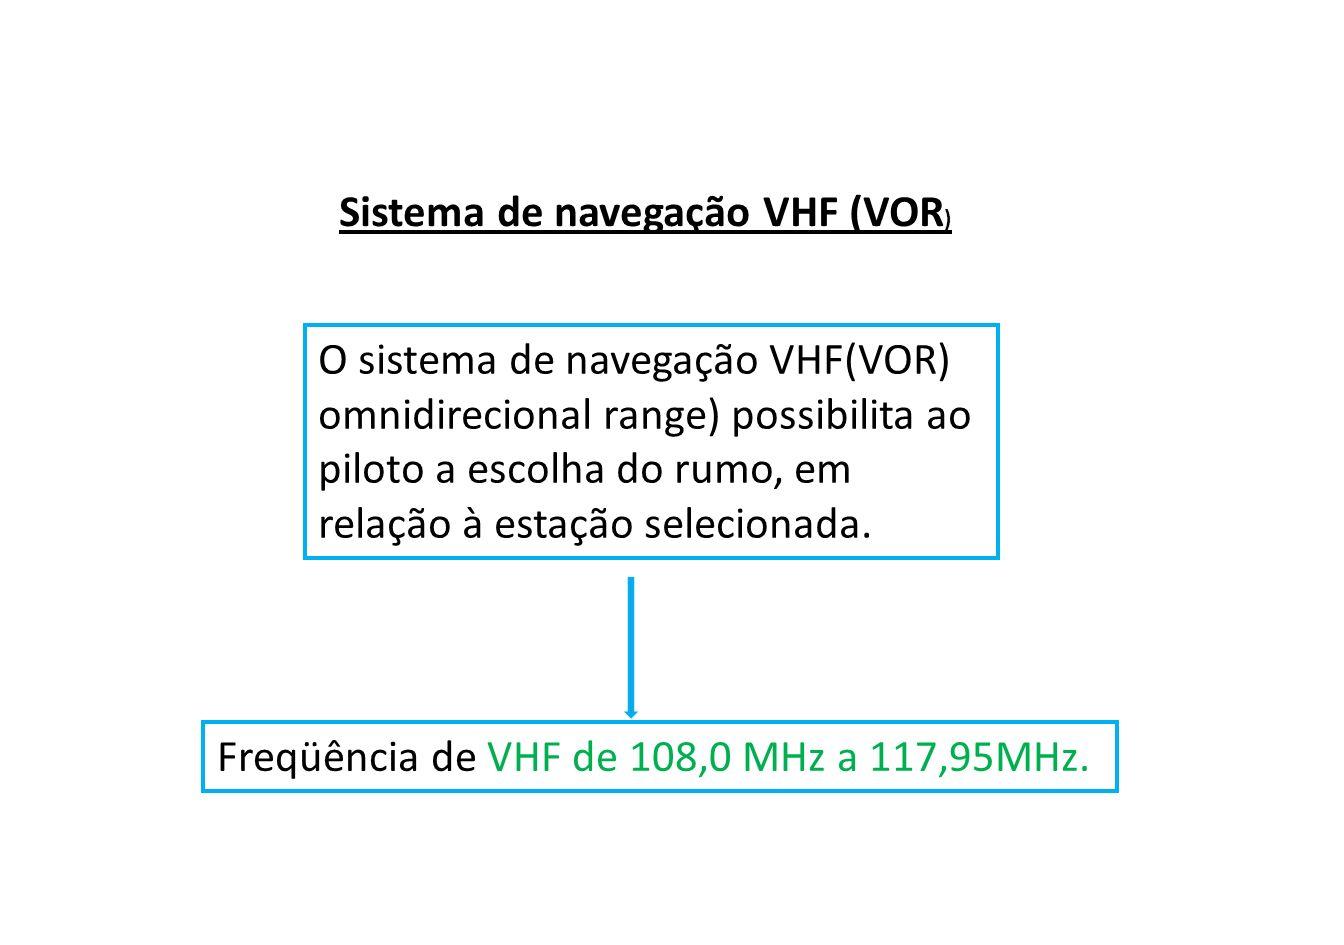 A operação é realizada dentro da gama de frequência de VHF, 108,0 MHz e 117,95 MHz, o que permite uma boa imunidade às interferências provocadas pela estática atmosférica ou de precipitações.